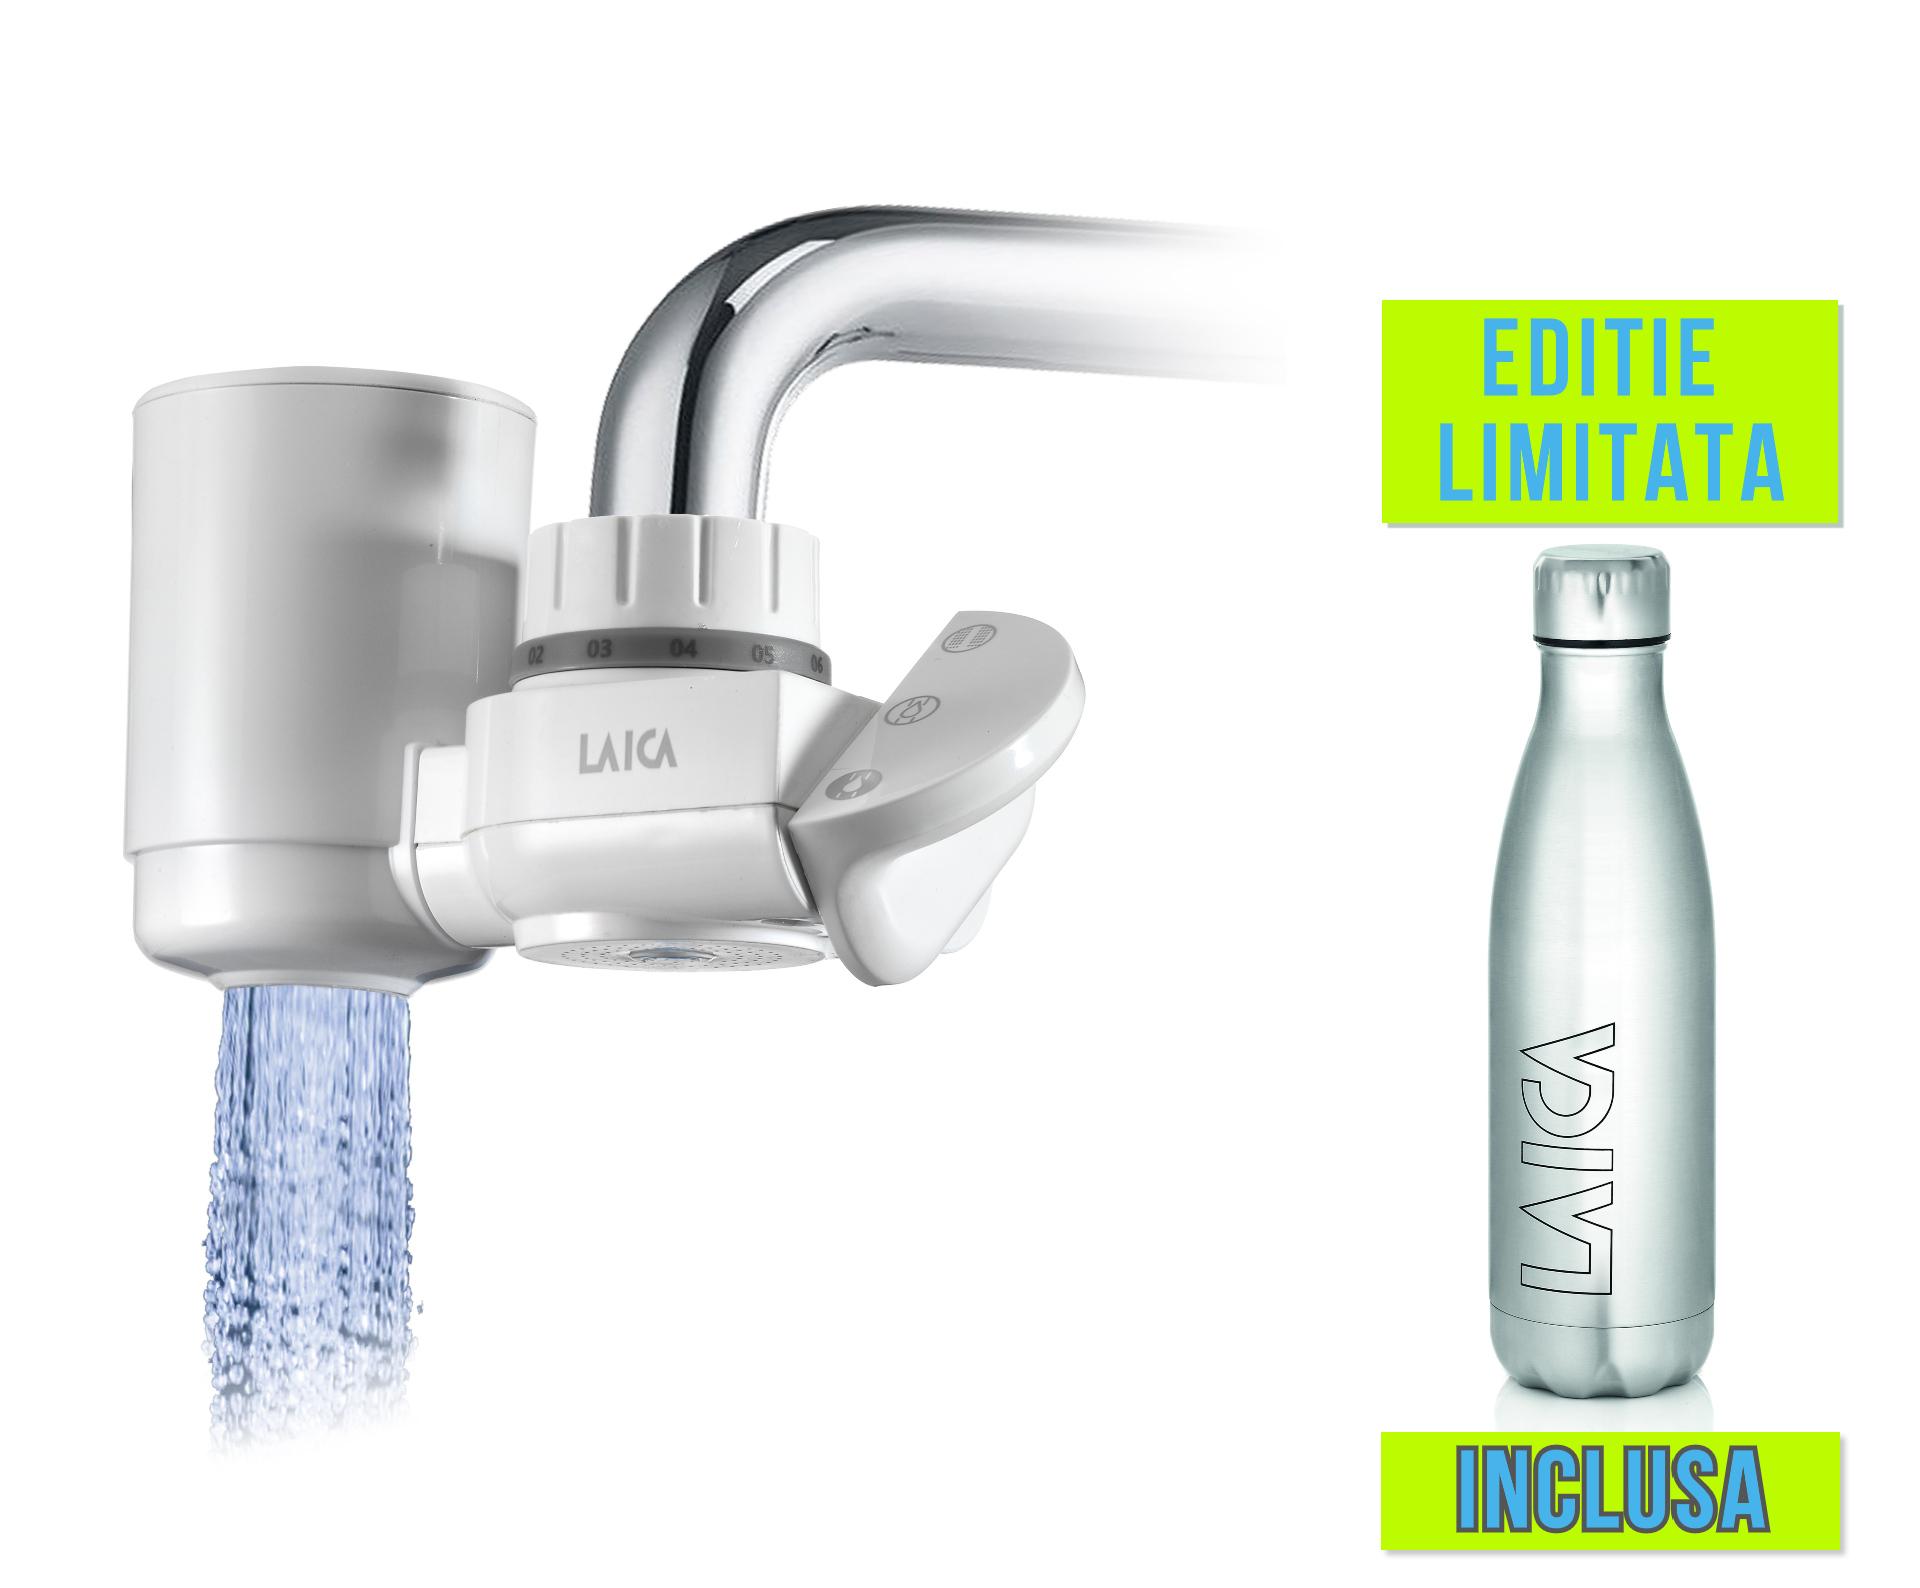 NOU: Filtru de apa cu fixare pe robinet Laica Venezia HydroSmart laicashop.ro 2021